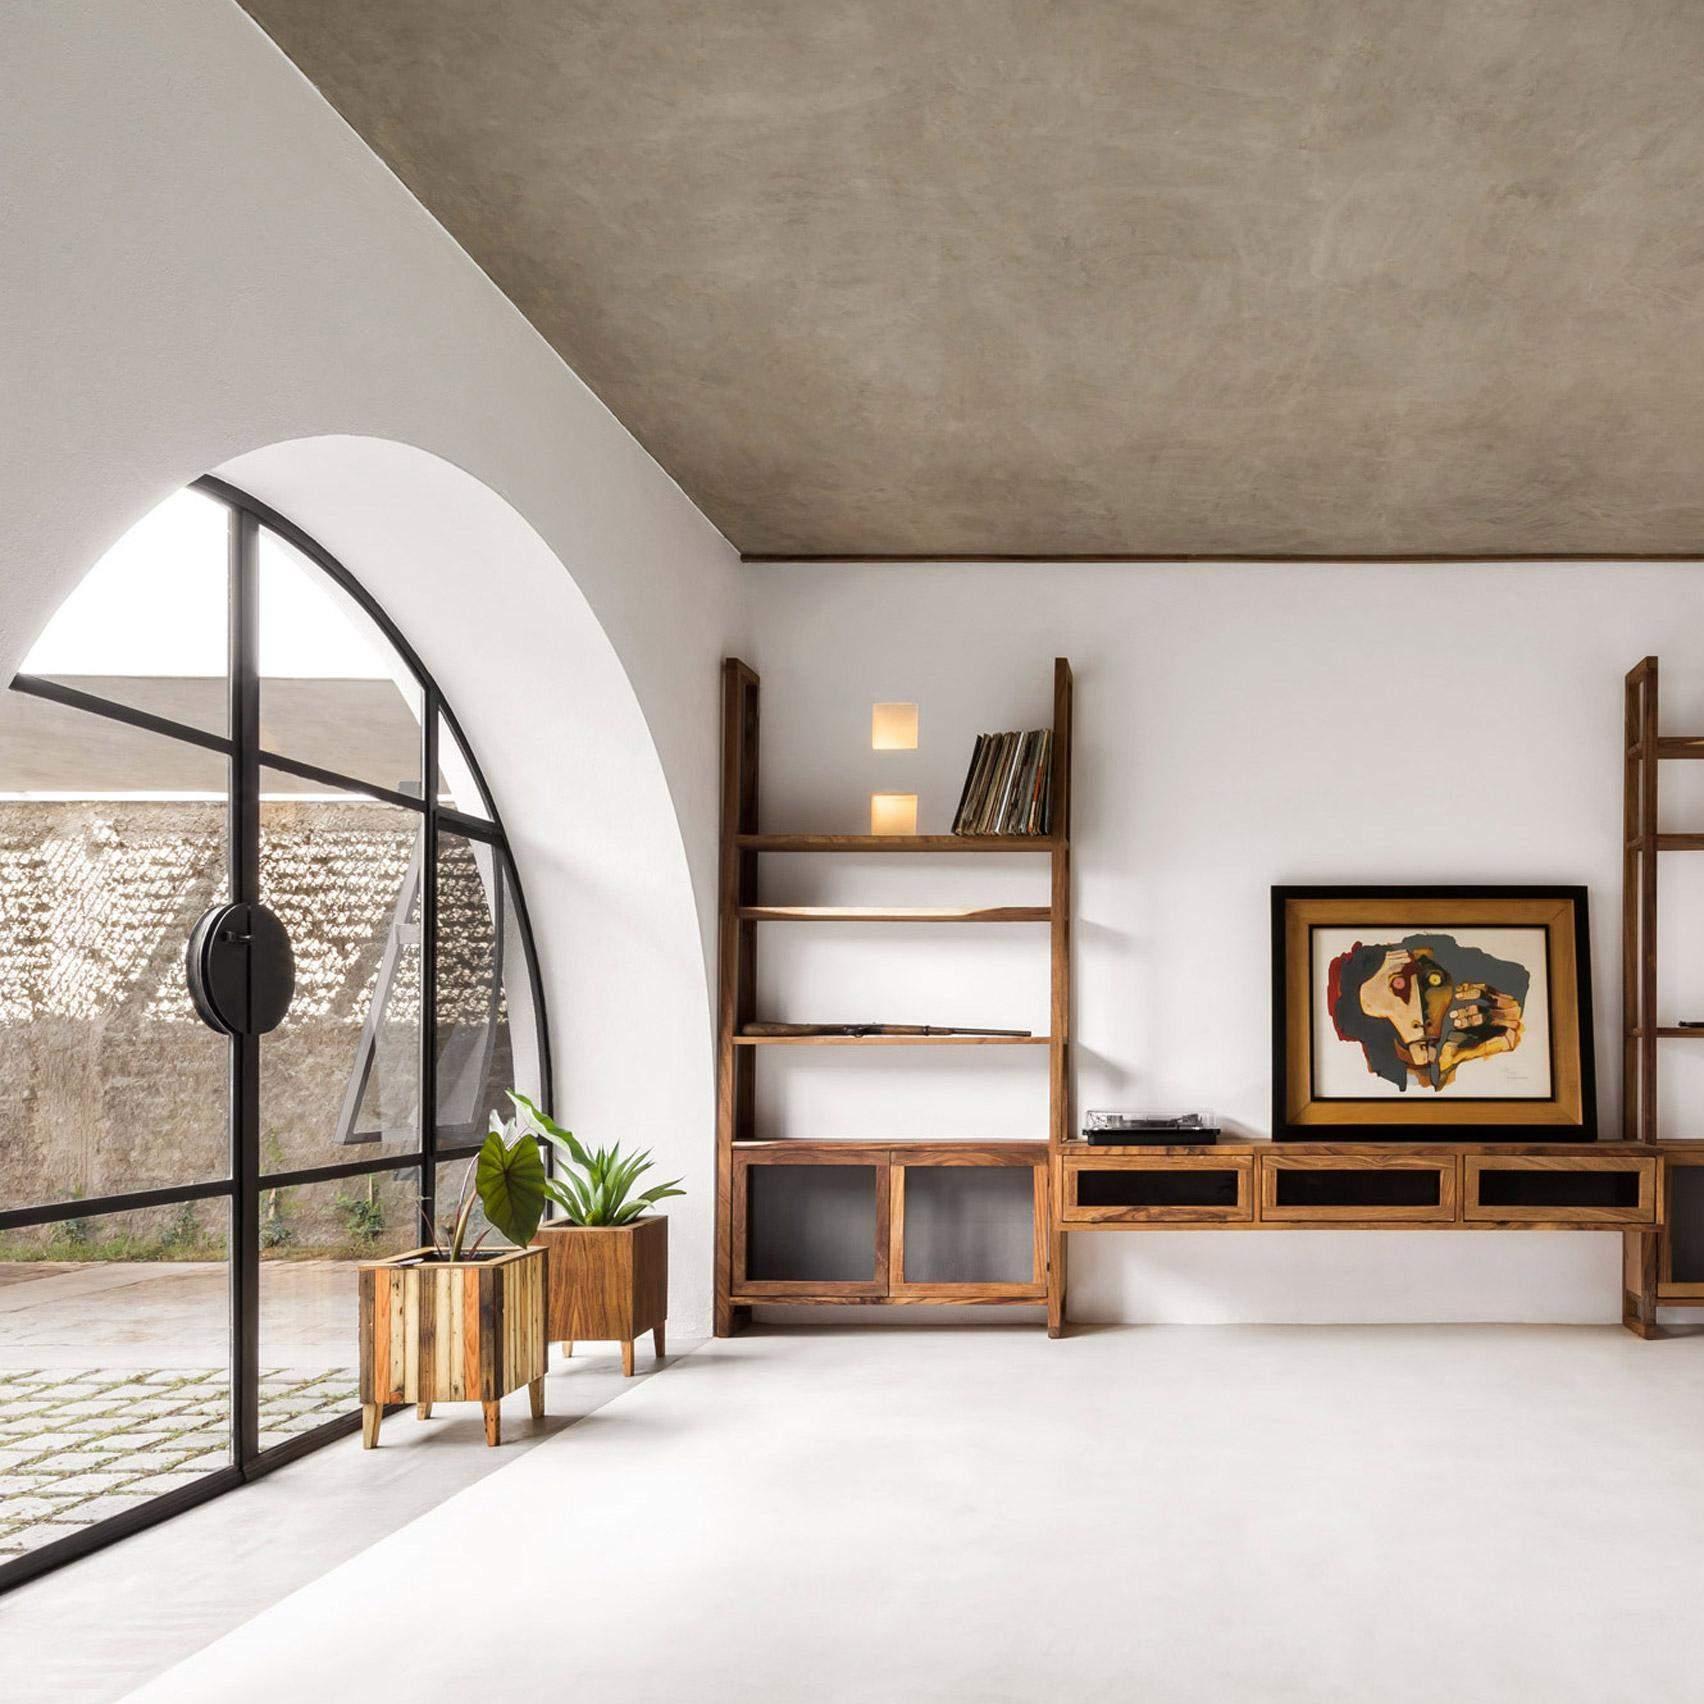 Білі стіни, дерево і великі вікна роблять цей будинок довершеним